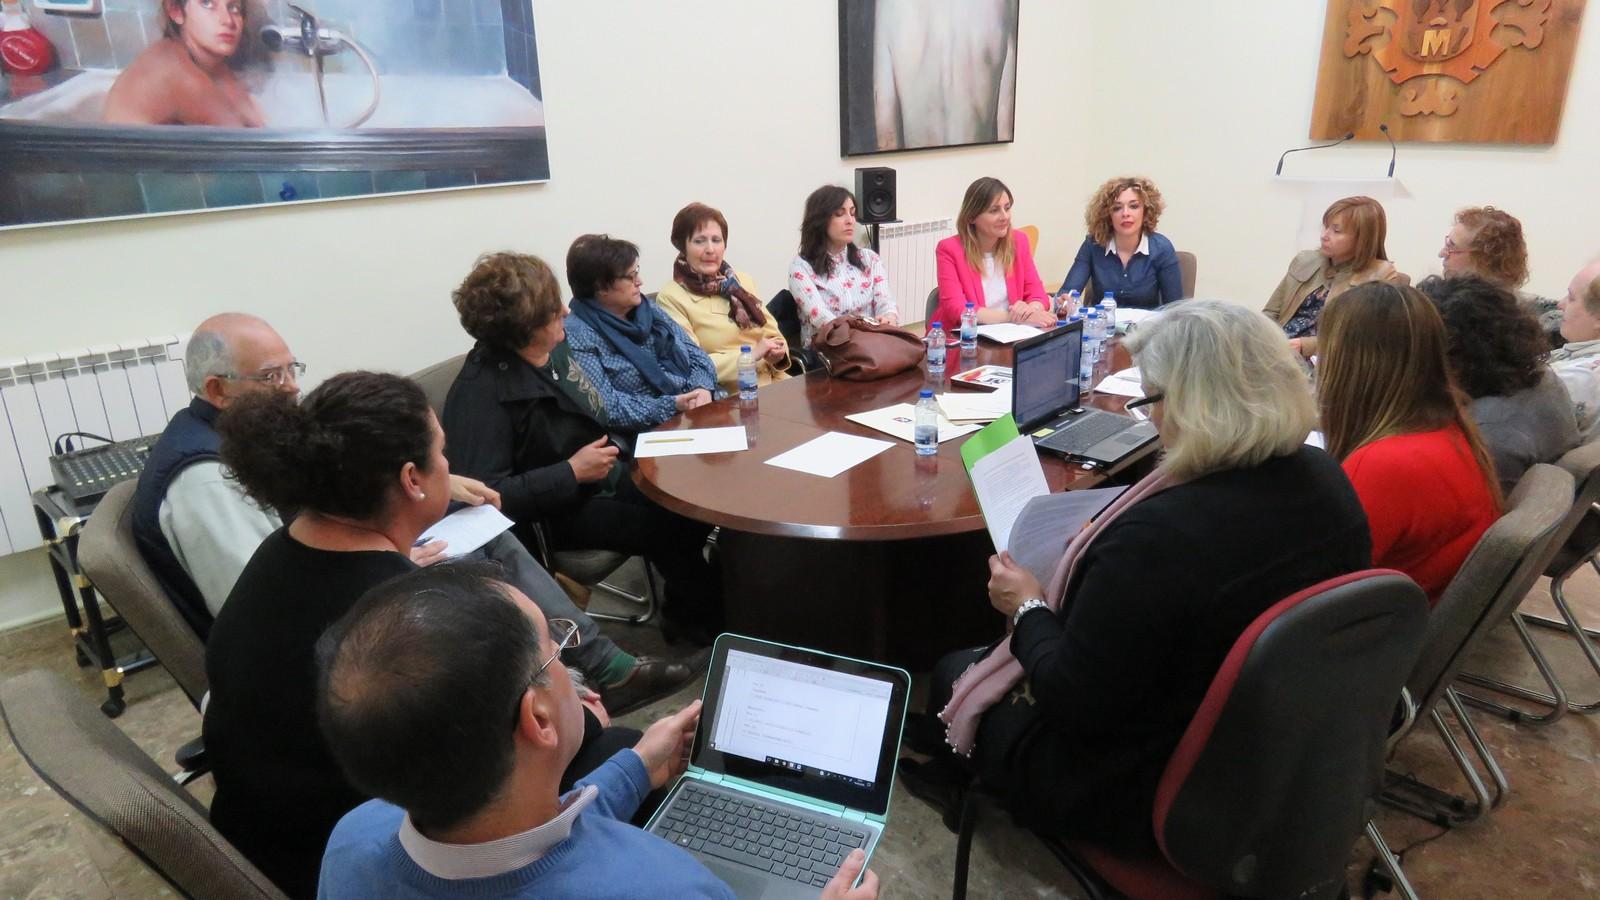 Lujo Reanudar Los Consejos De Perfil 2013 Patrón - Ejemplo De ...